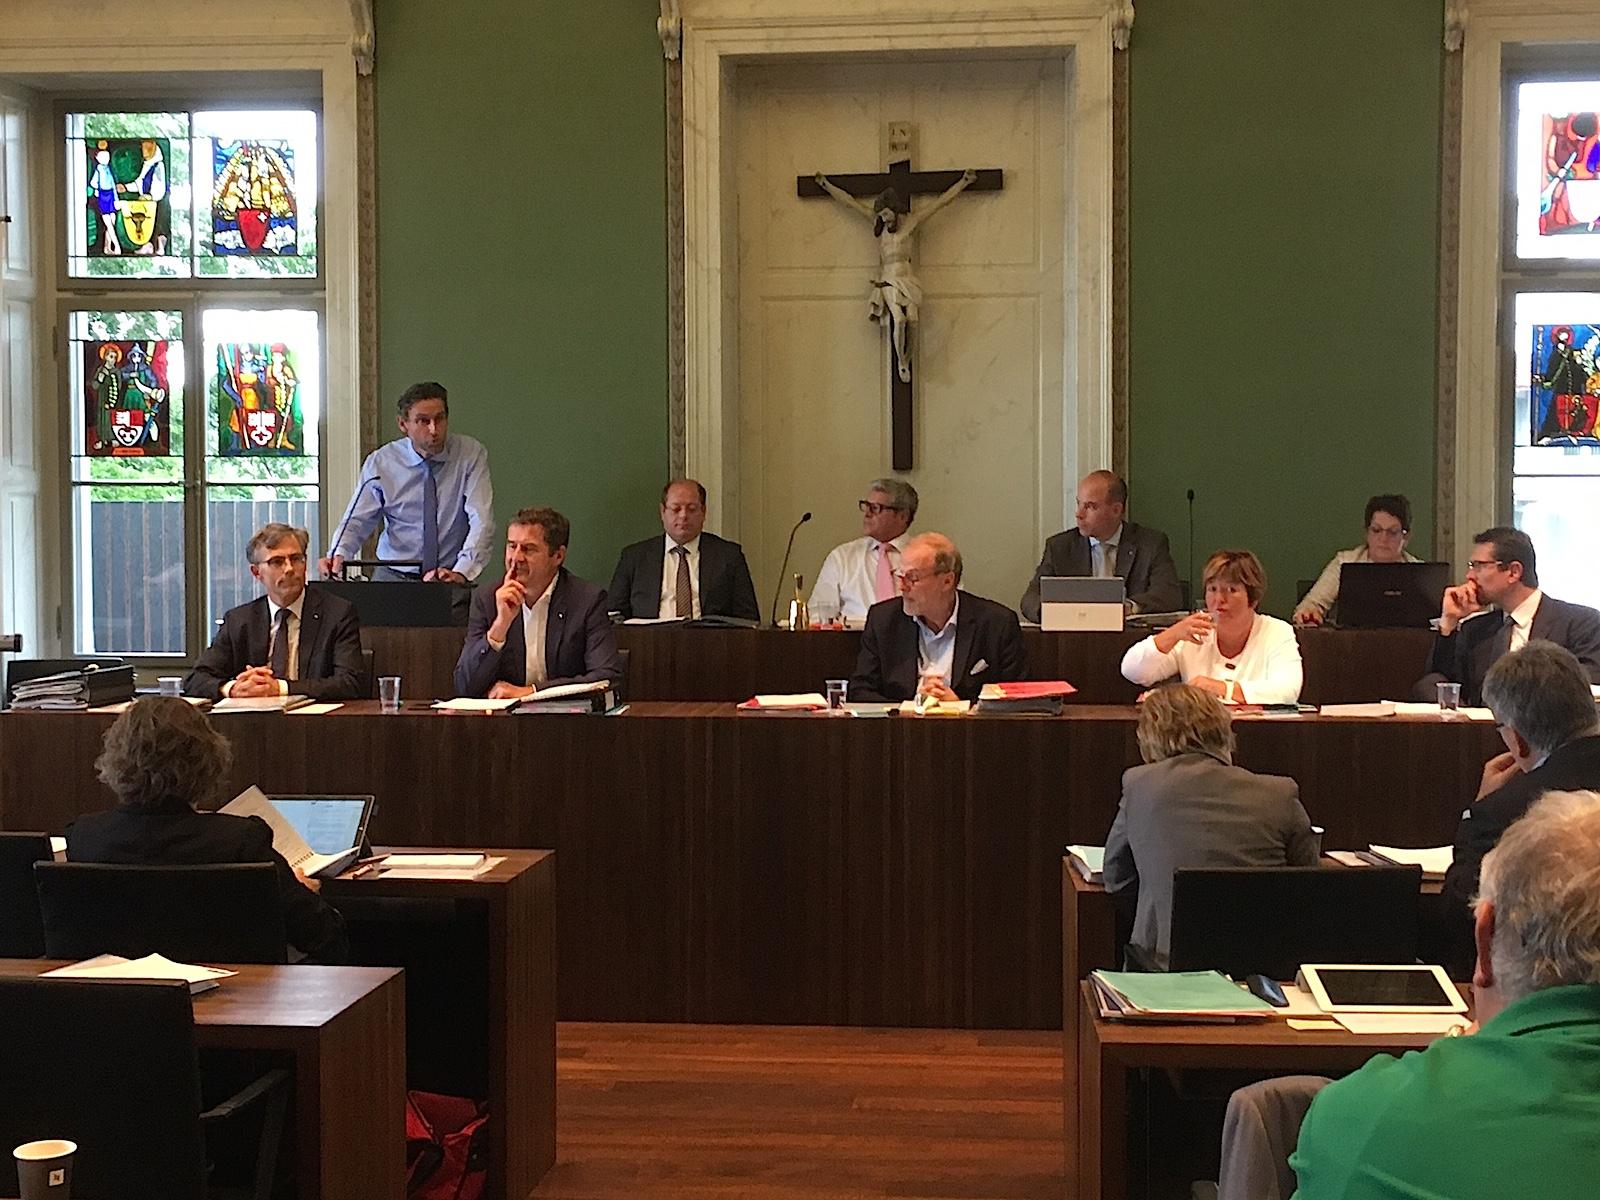 Der Zuger Stadtrat an einer GGR-Sitzung (vordere Reihe): V.l. Karl Kobelt, FDP, André Wicki, SVP, Stadtpräsident Dolfi Müller, SP, Vroni Straub, CSP, und Urs Raschle, CVP.